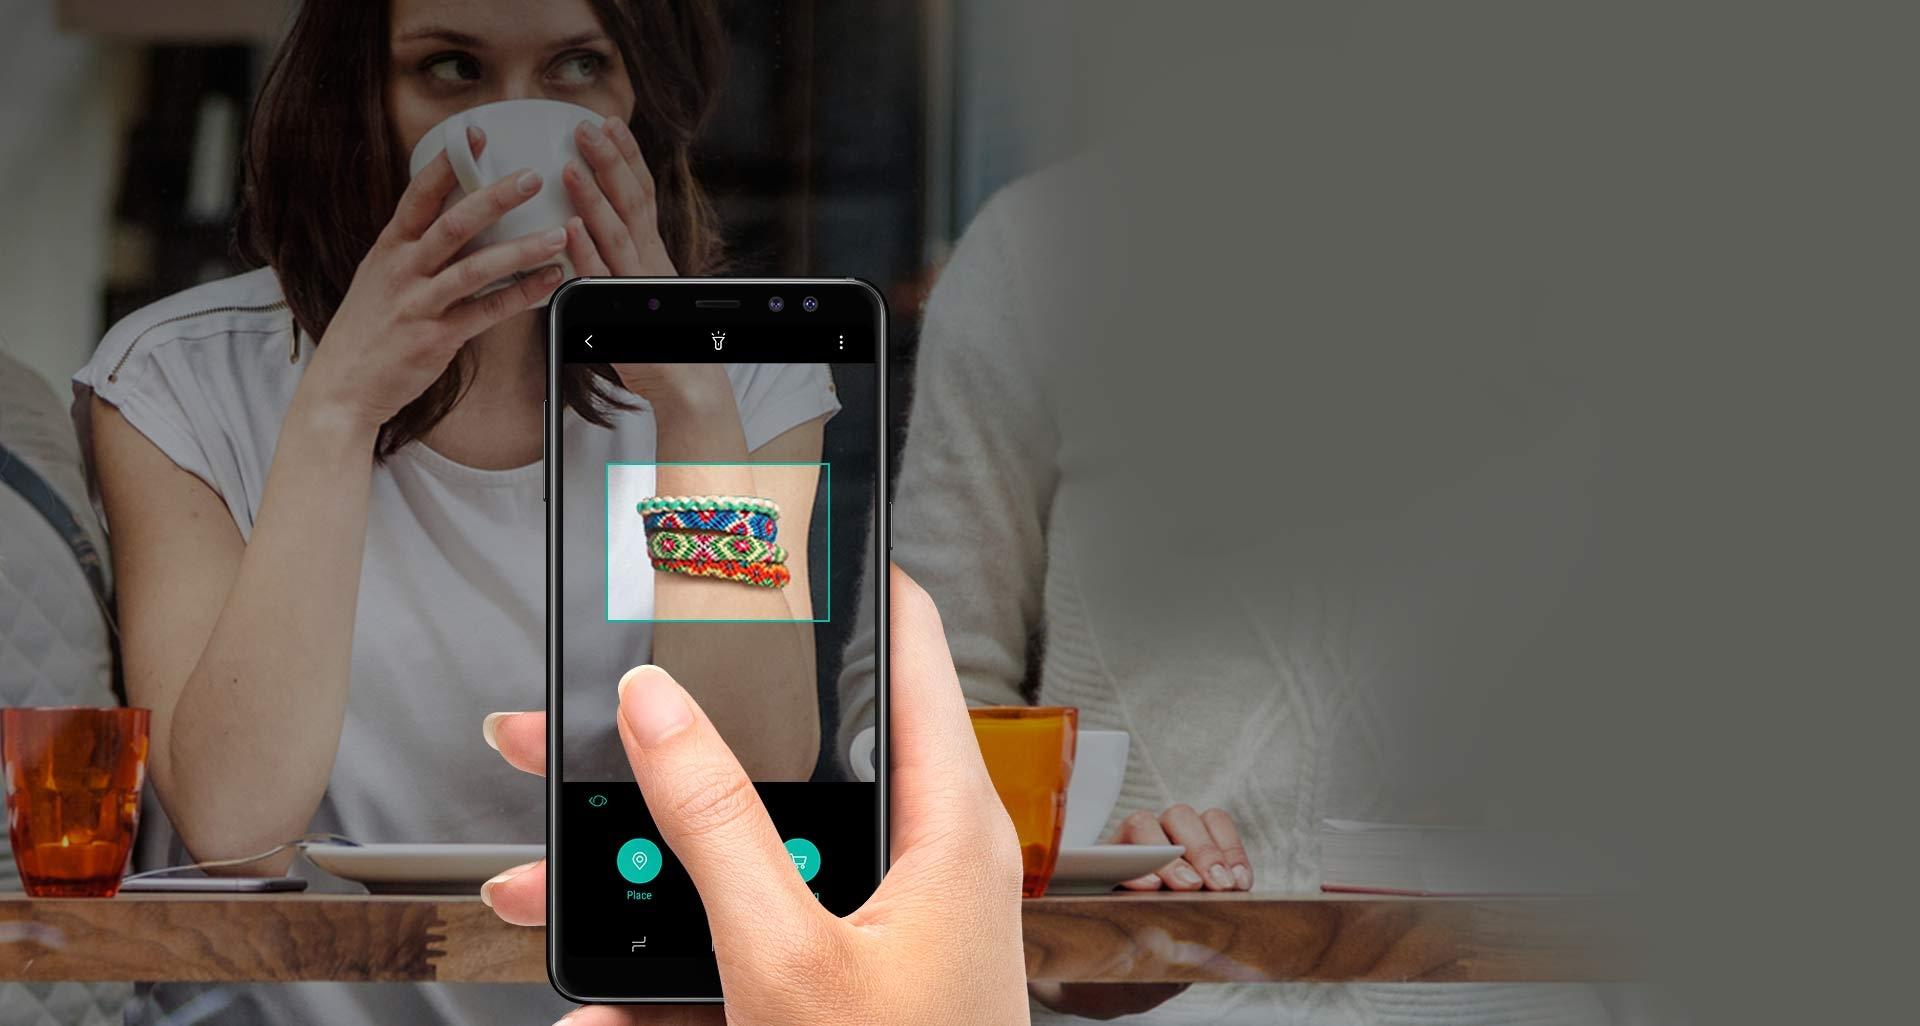 بیکسبی گوشی گلکسی ای 8 2018 همراه همیشگی شما